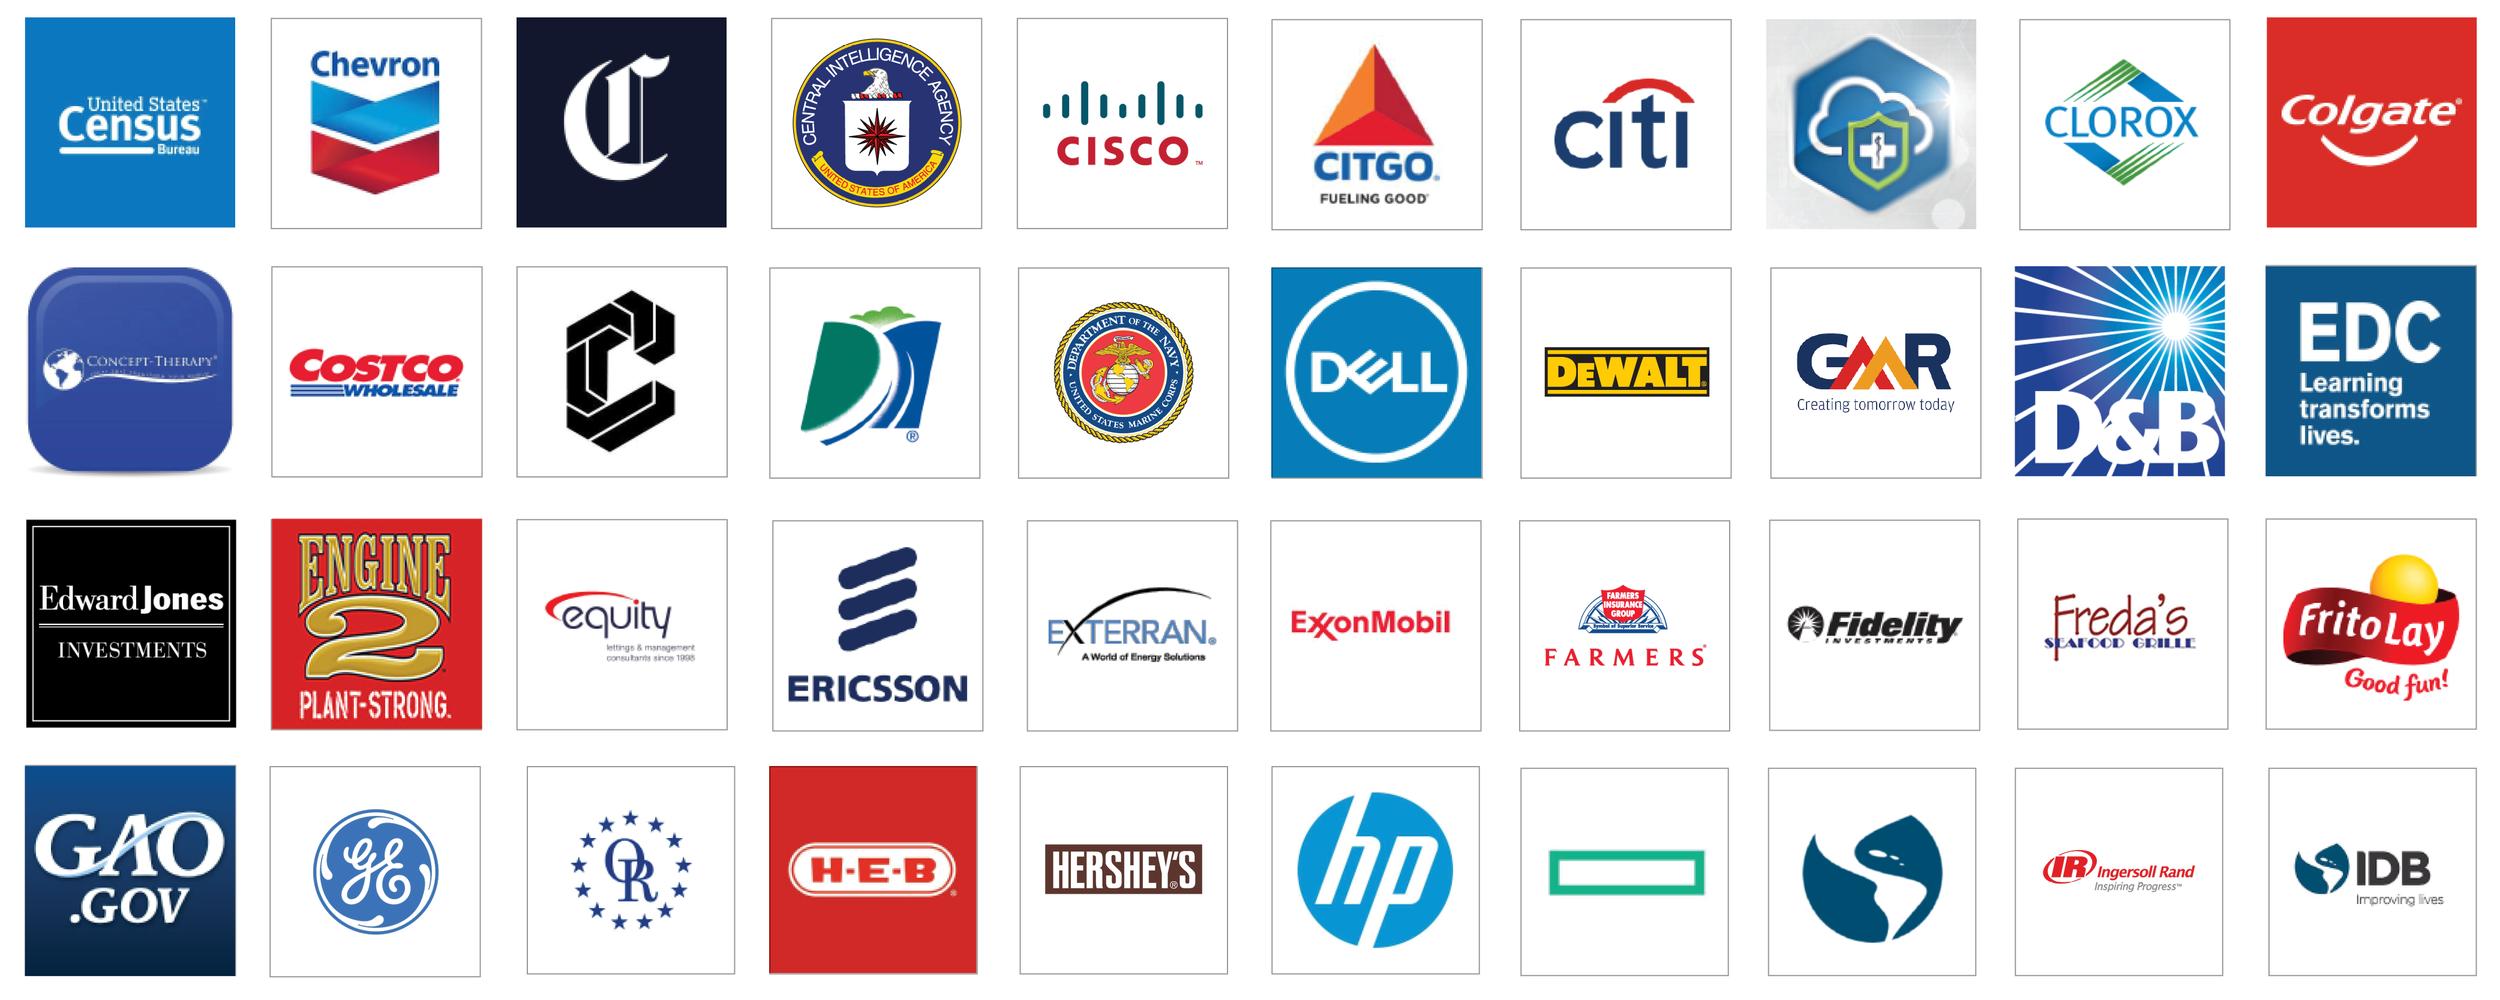 dieckert-client-logos4rows2.png